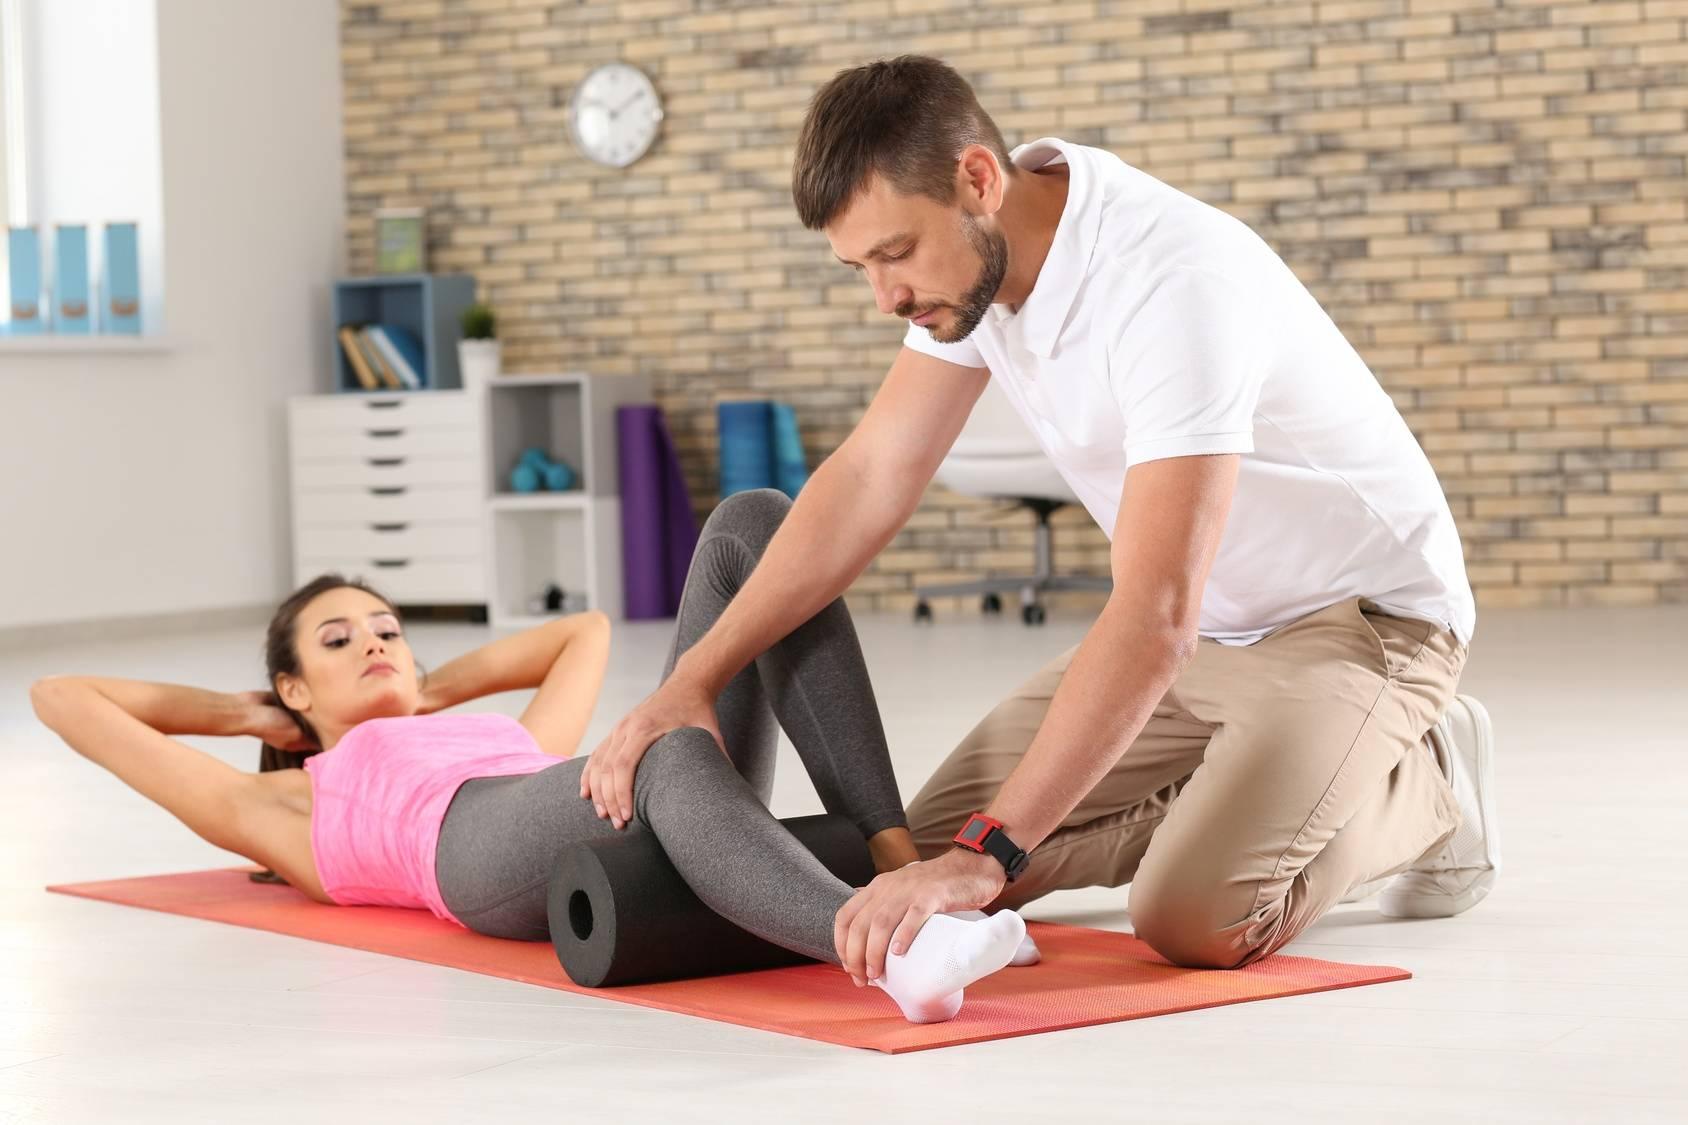 Problemy ze stawem kolanowym - wizyta u ortopedy i fizjoterapeuty.